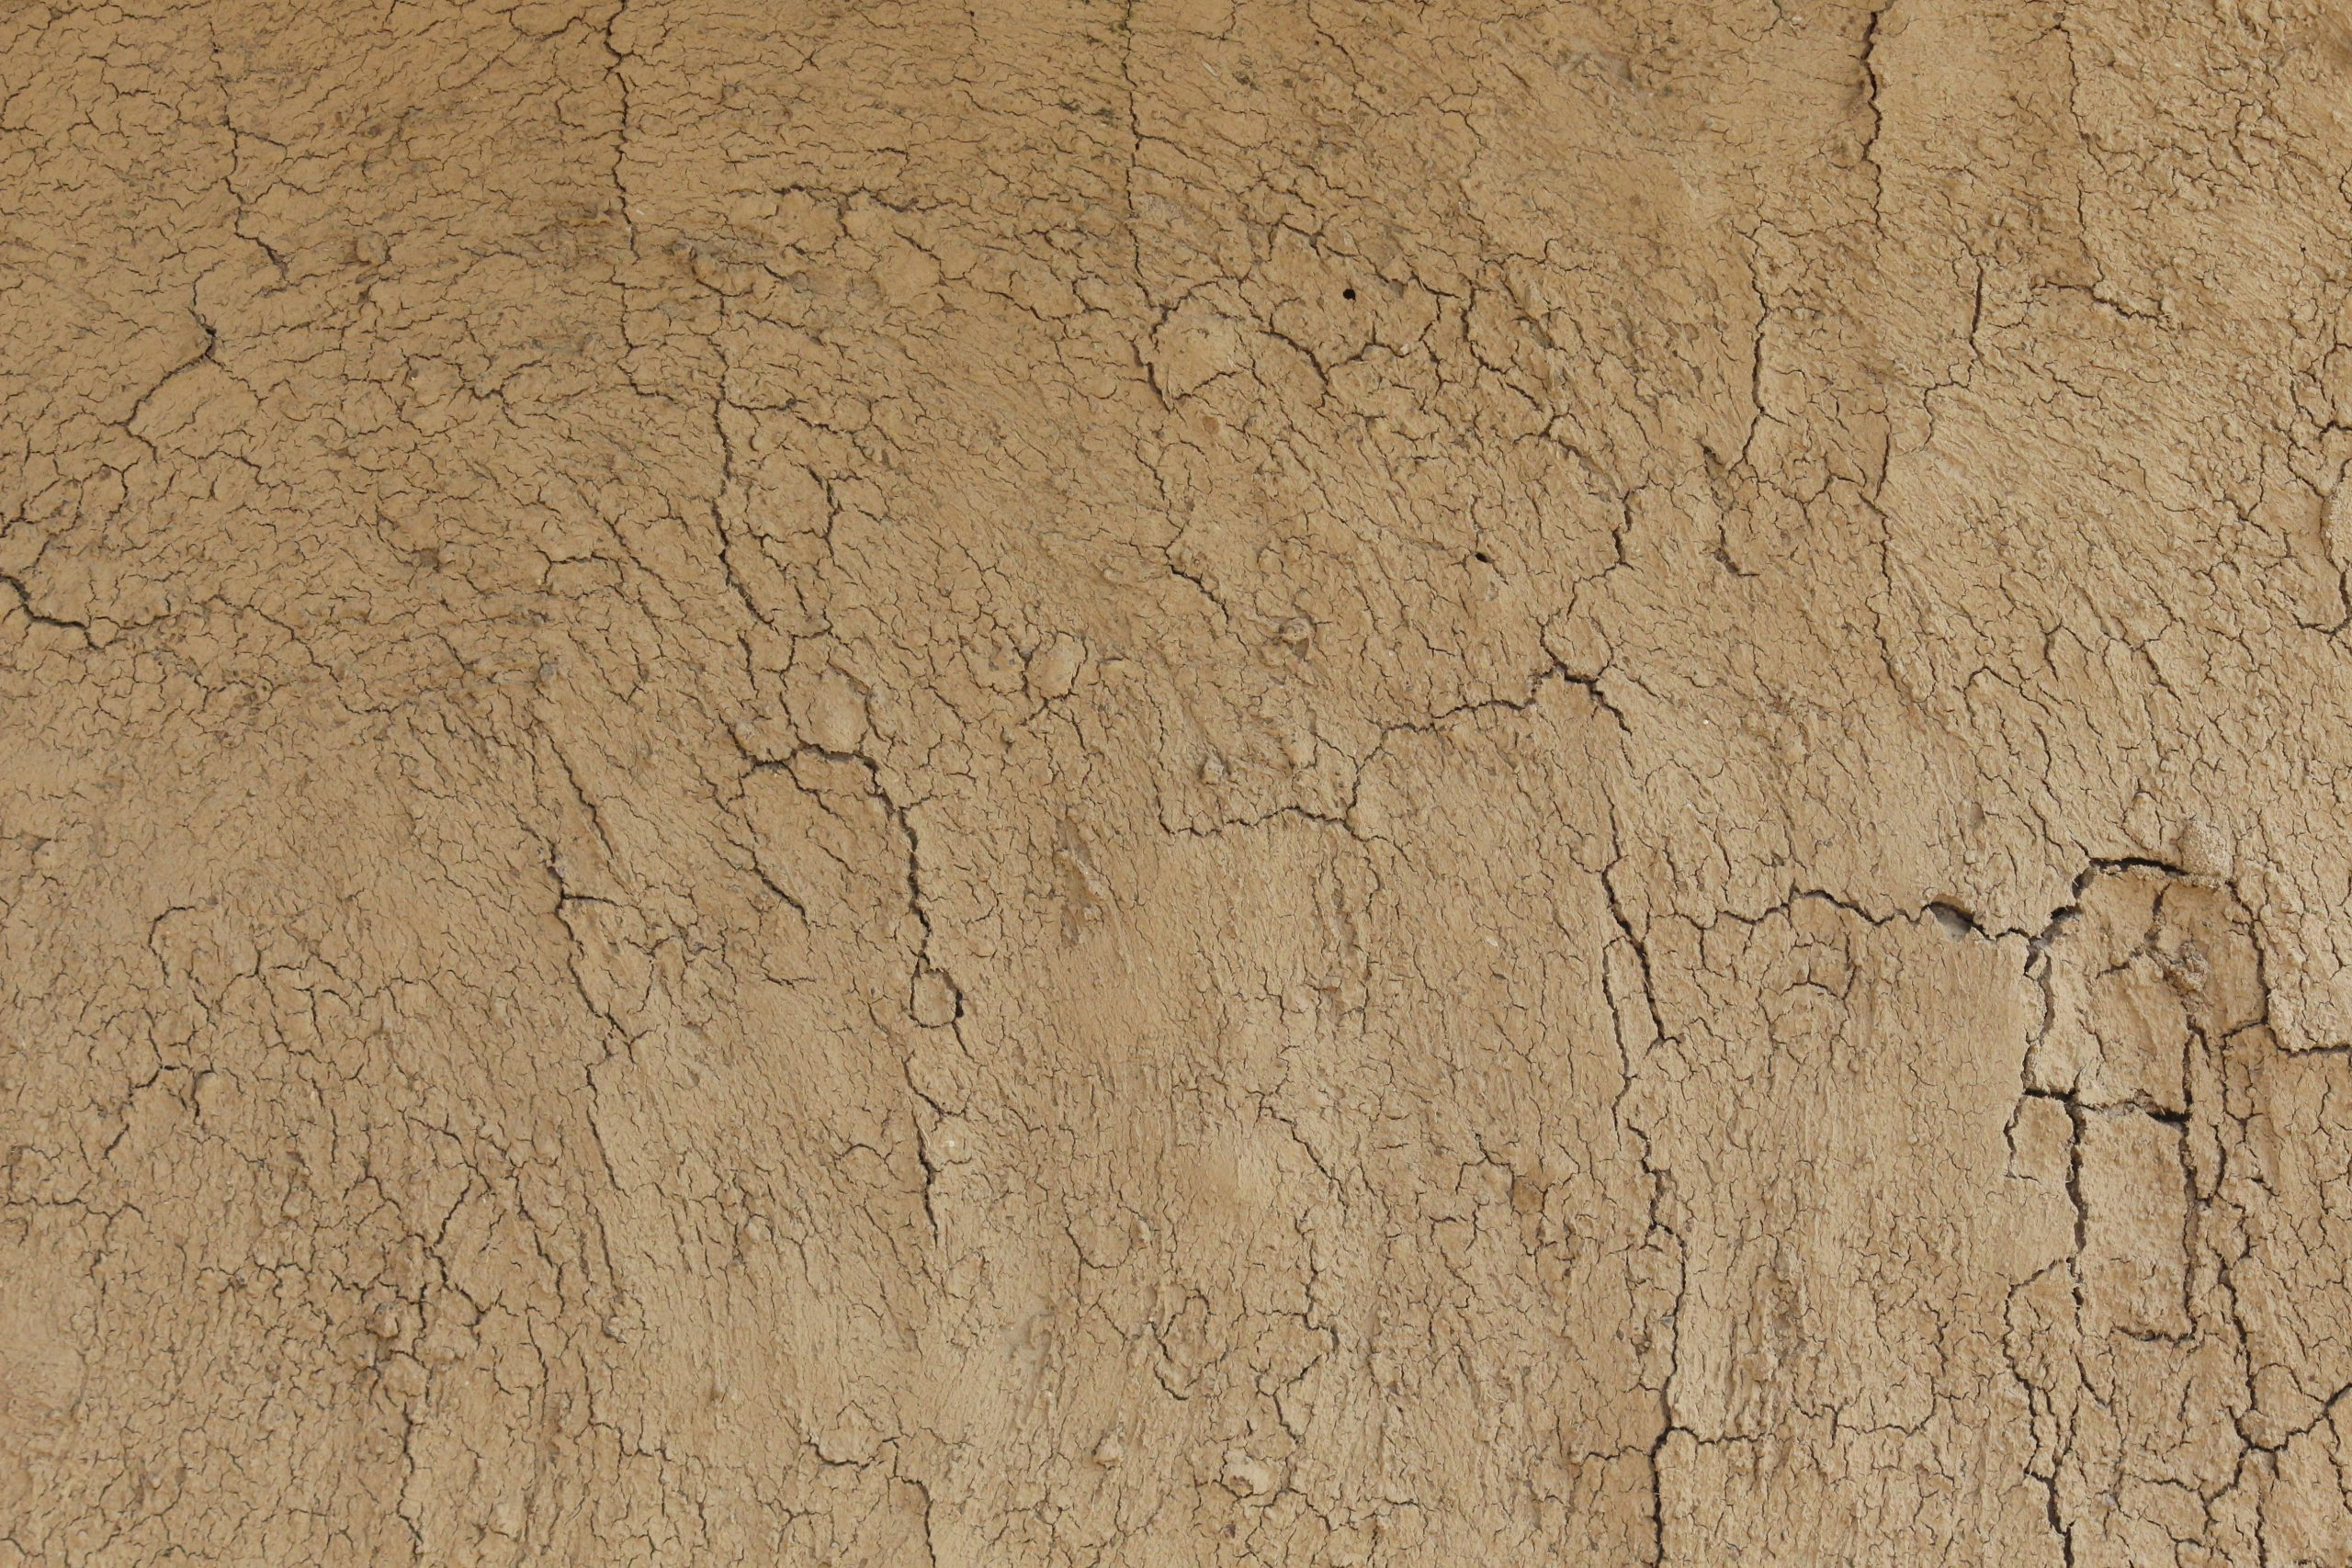 A mud wall